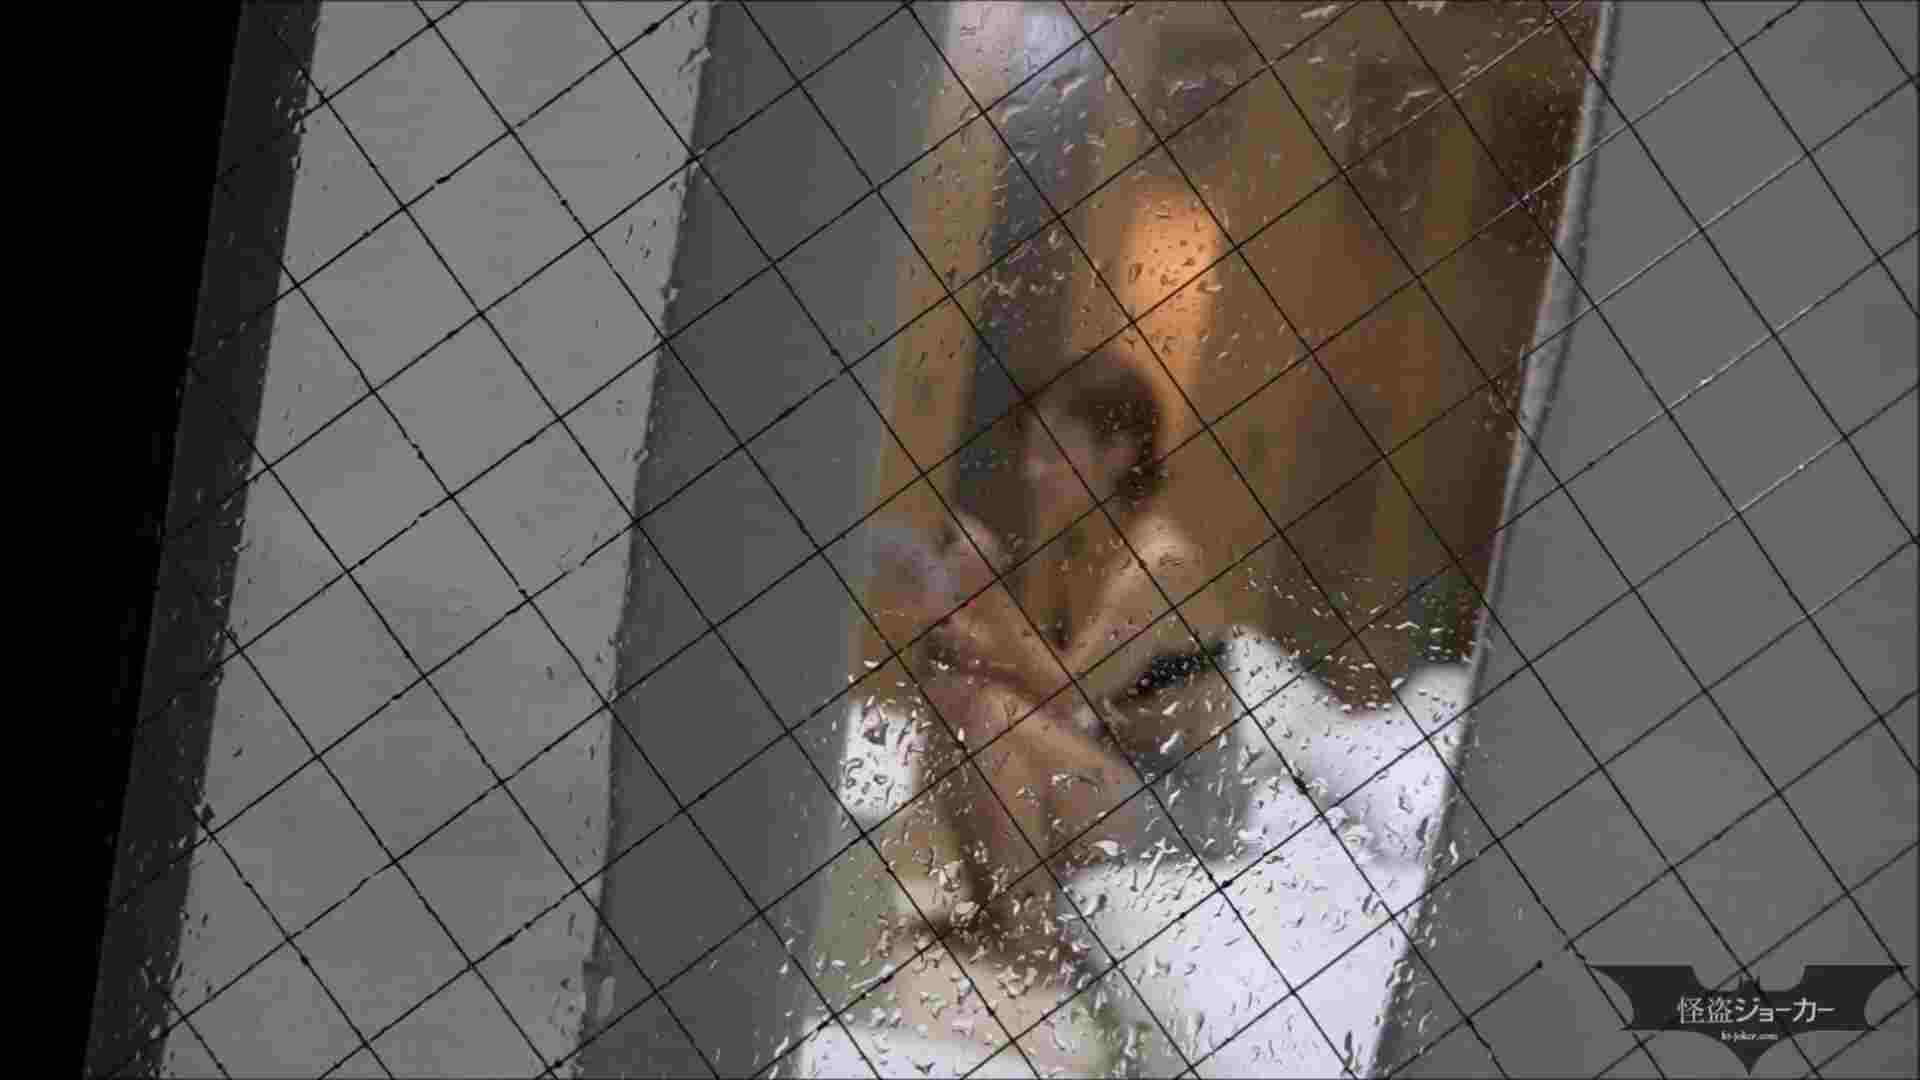 覗き見 Vol.2 【覗き見】♀友達のオナニー。-美人OL- 盛合せ オマンコ動画キャプチャ 56画像 14